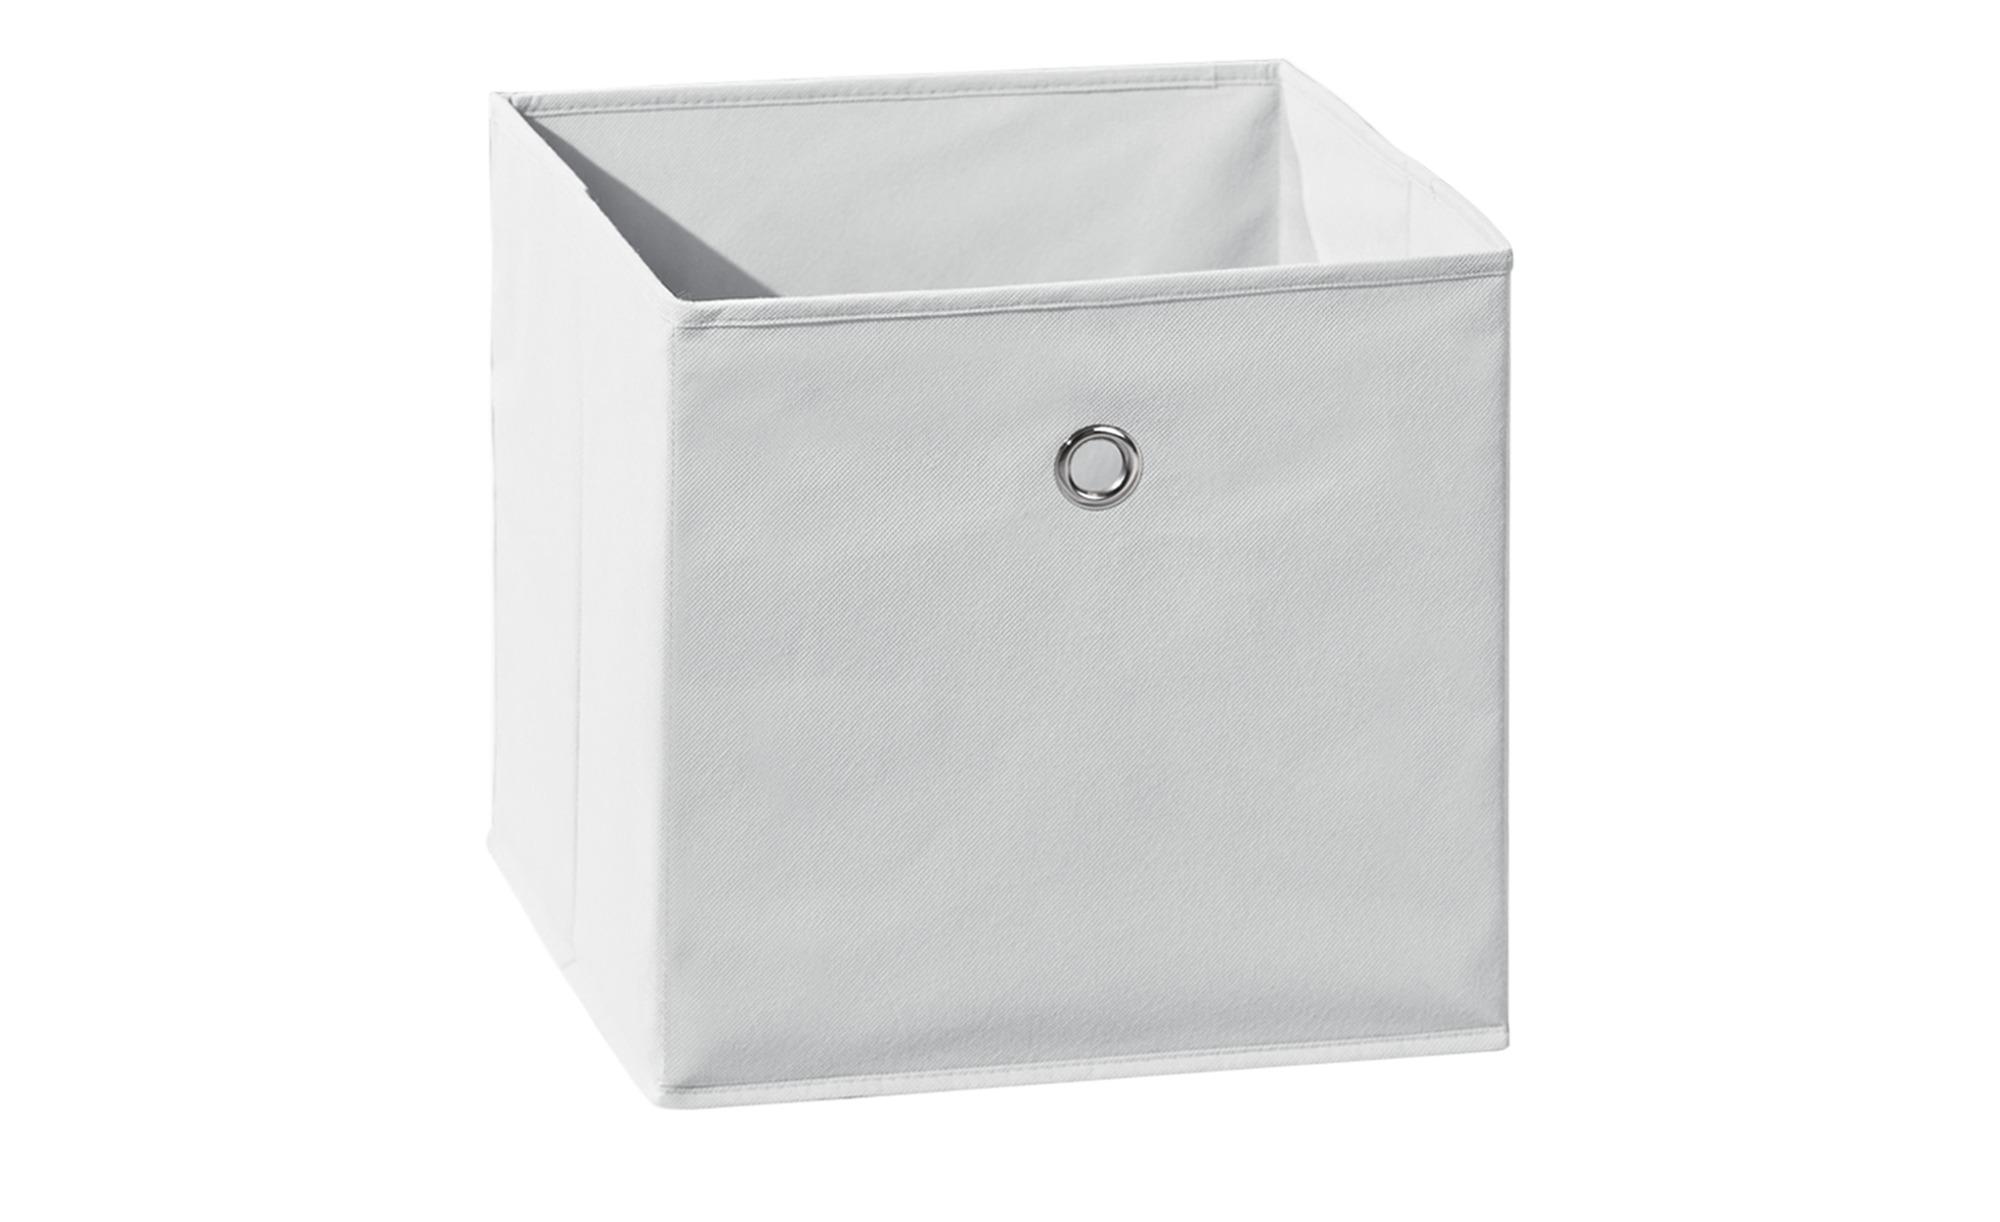 Faltbox für den Kleiderschrank